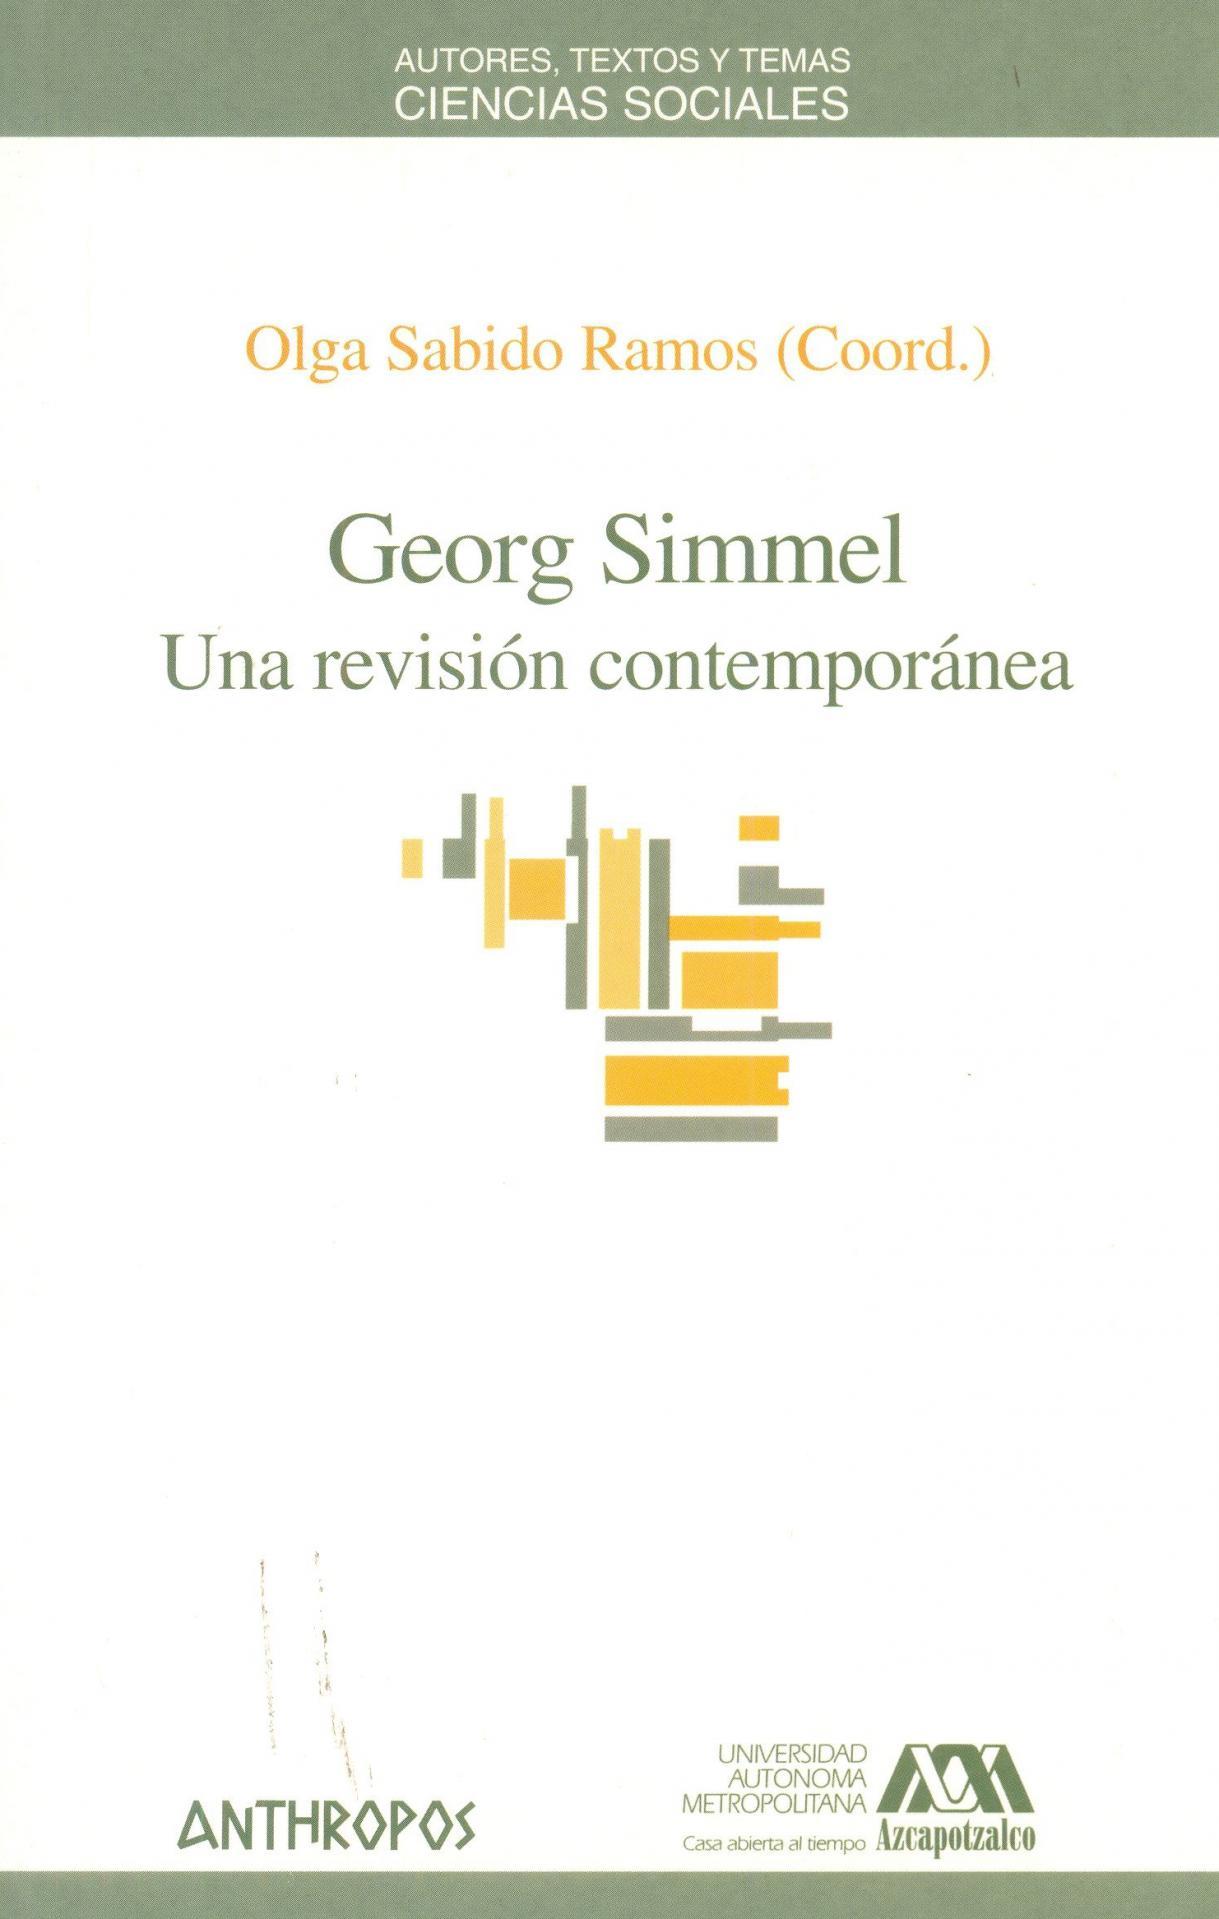 GEORG SIMMEL. Una revisión contemporánea. Sabido, O.